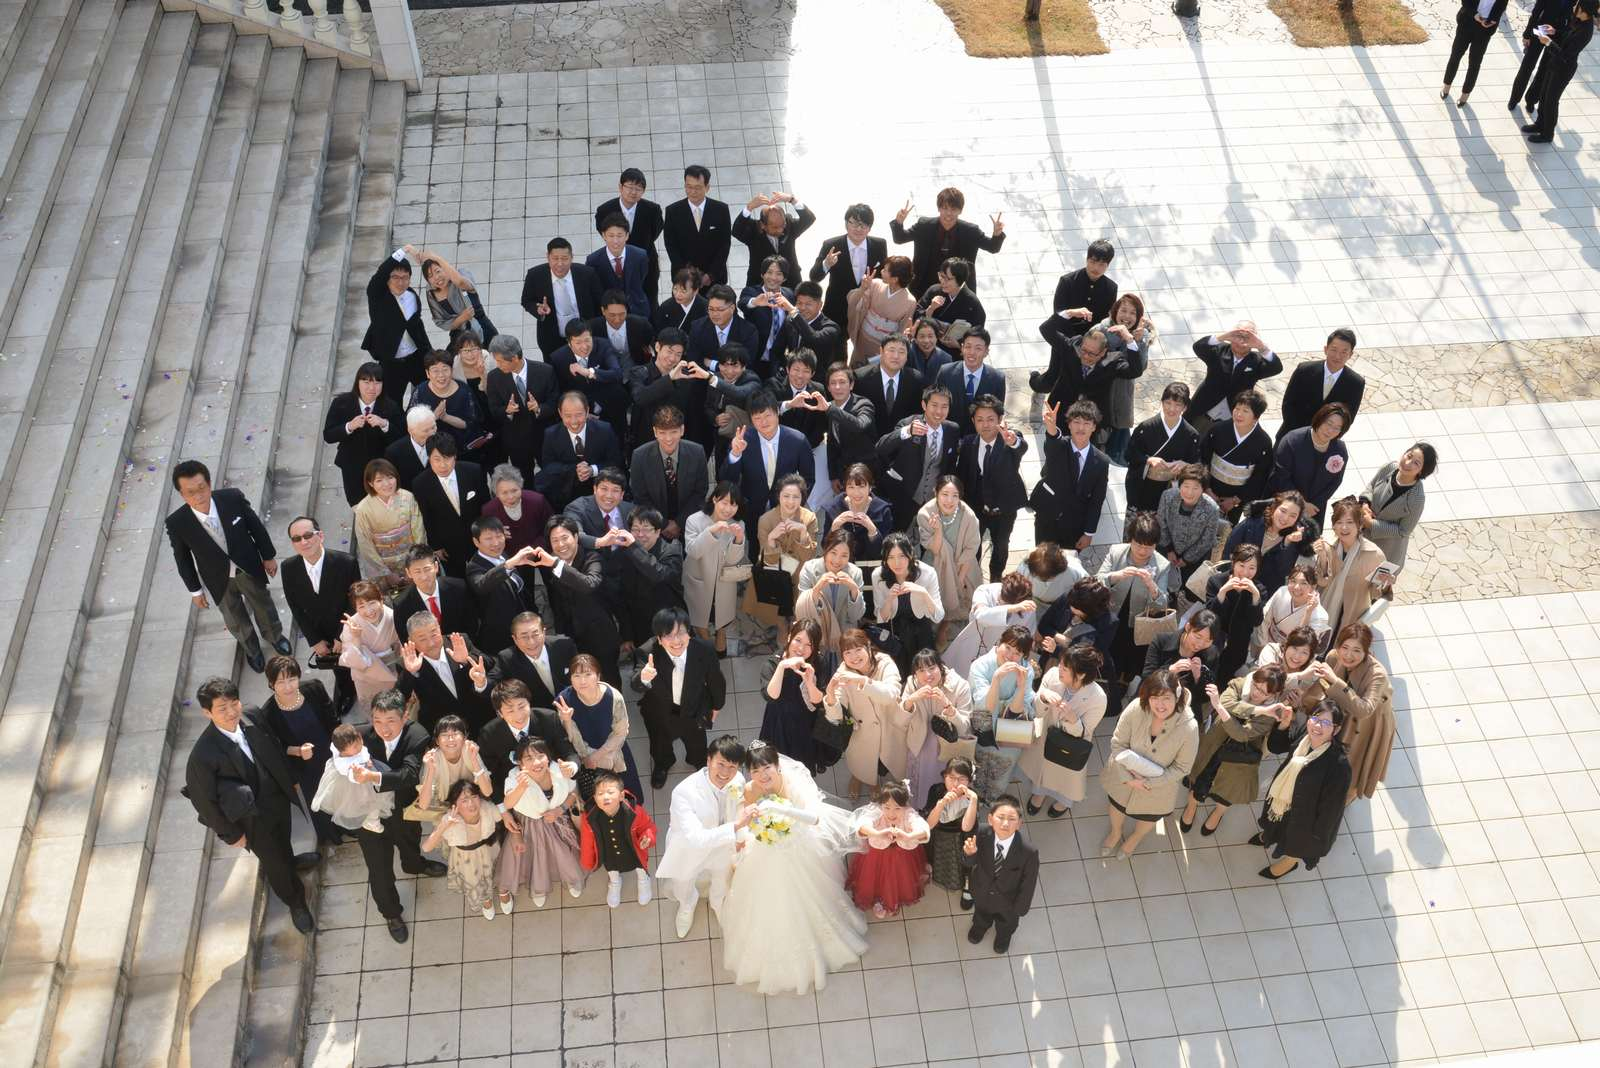 香川県の結婚式場シェルエメール&アイスタイル スカイフォト